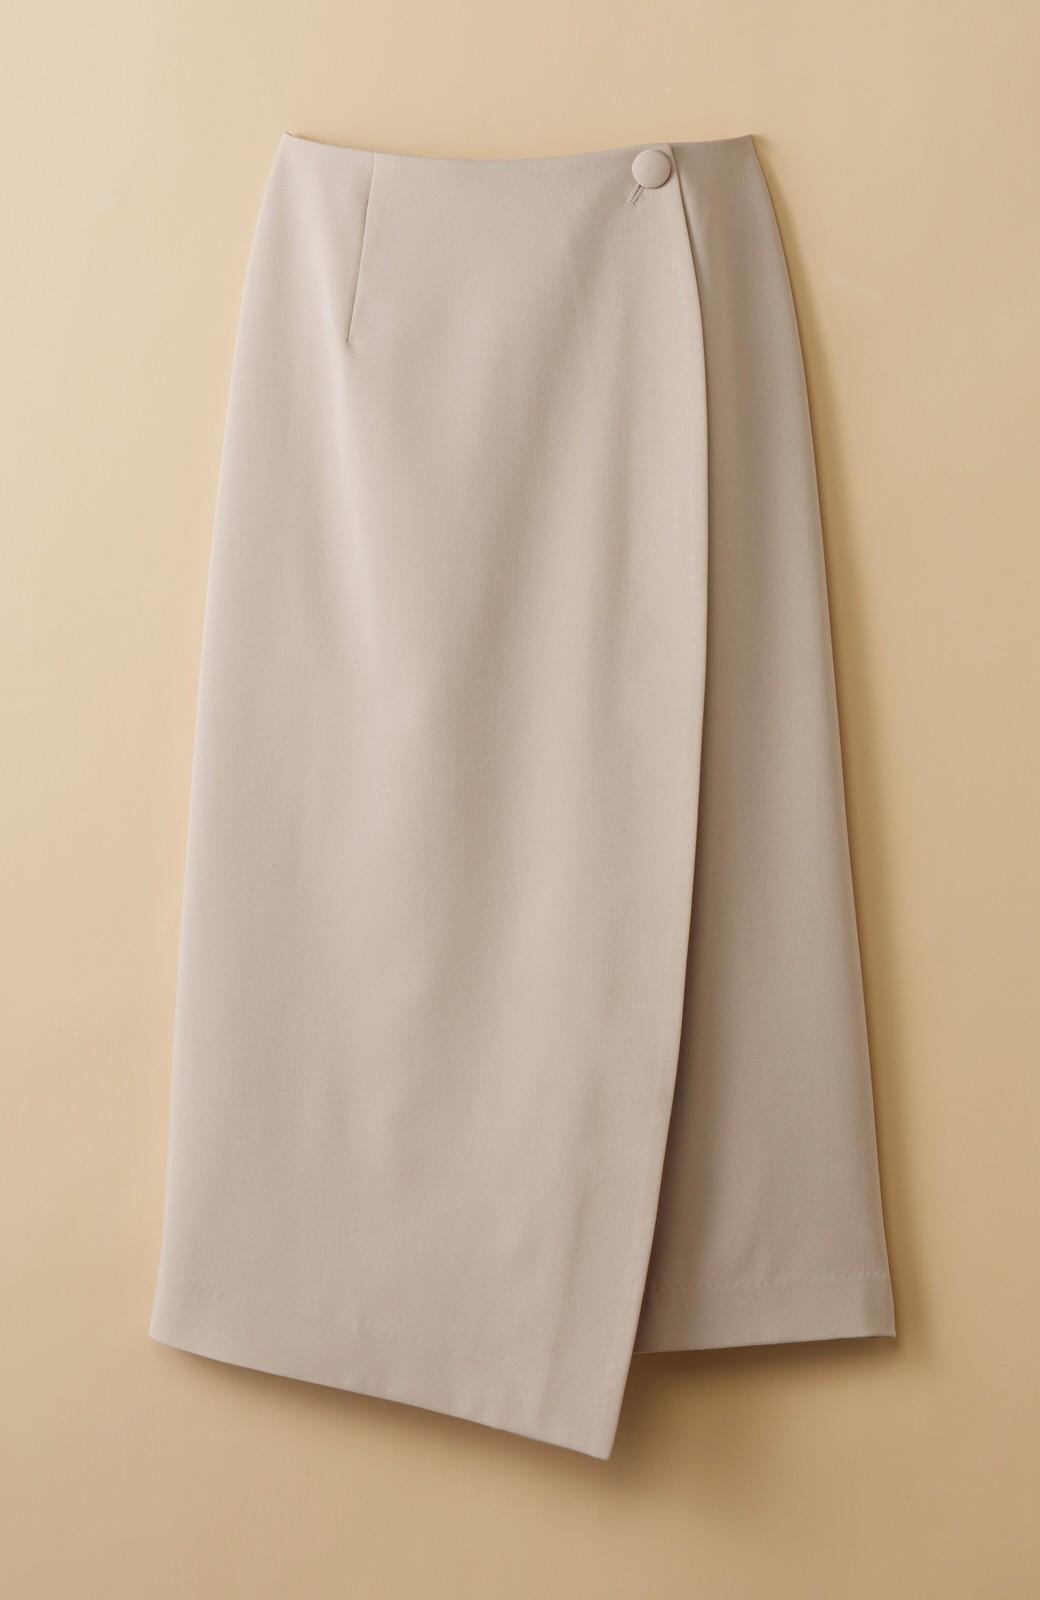 haco! いざというとき困らないための 大人のフォーマル裏地付きジャケット・スカート2点セット by que made me <ベージュ>の商品写真4